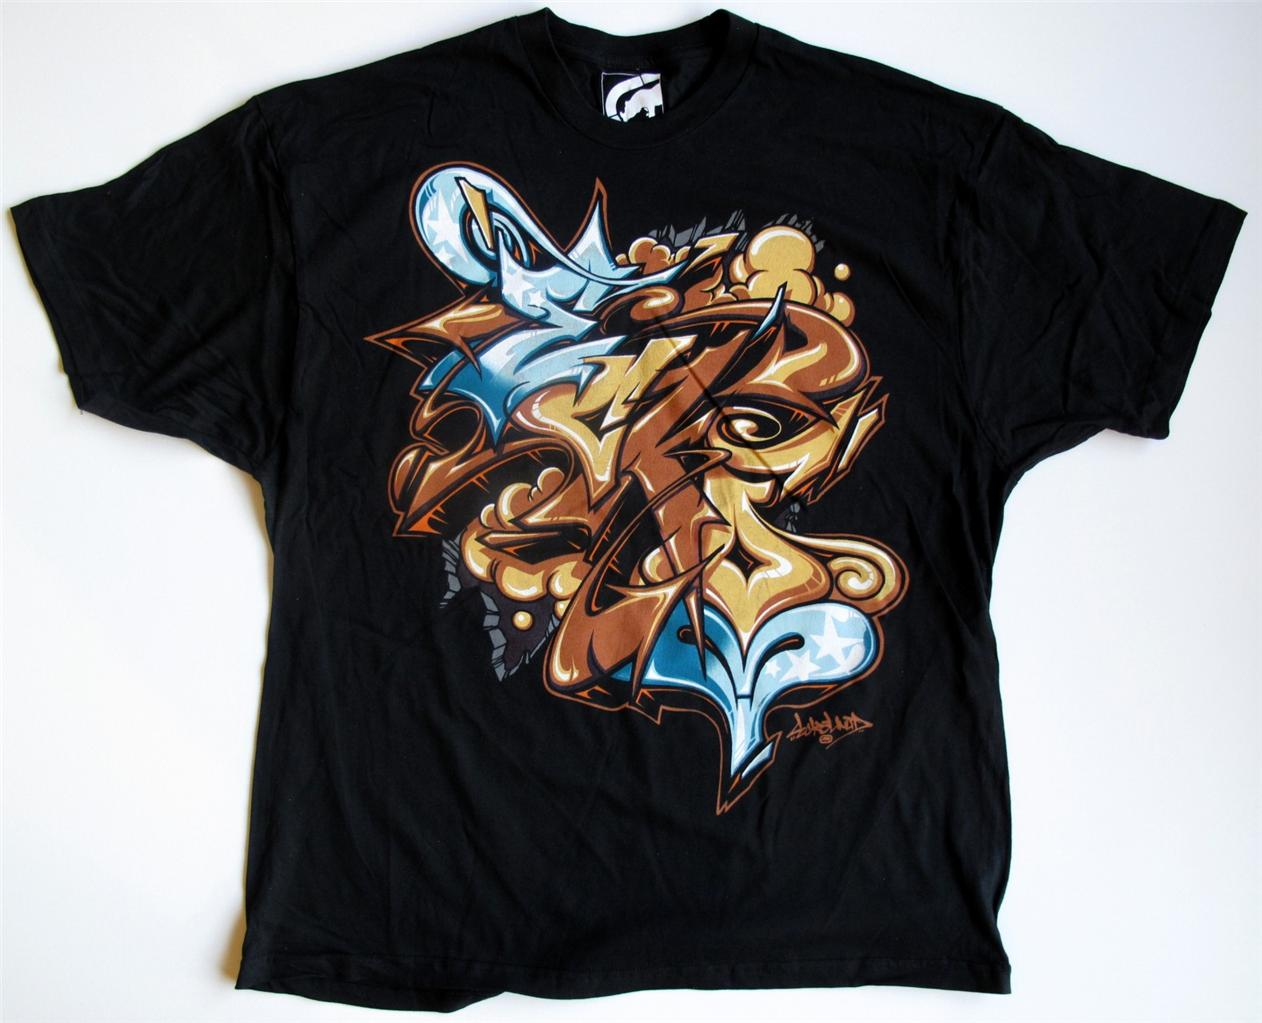 Ecko unltd black graffiti t shirt sizes m xl 2xl 3xl msrp 24 00